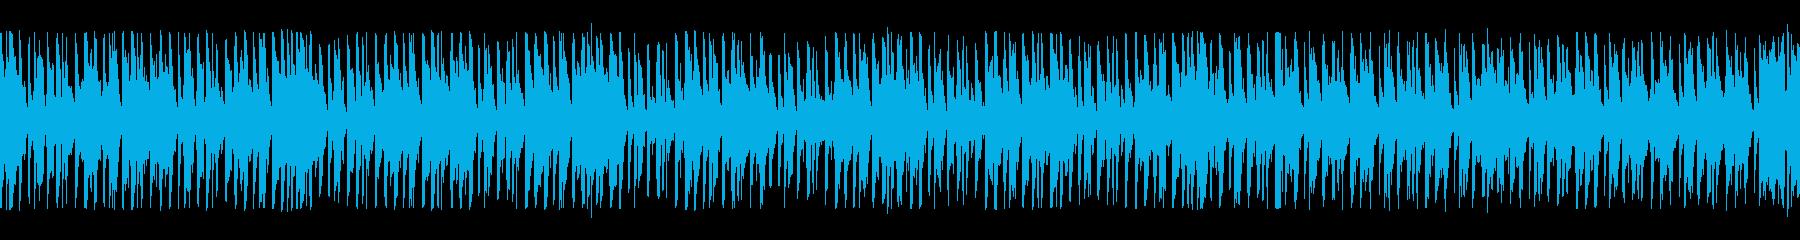 淡々と進めていくBGMの再生済みの波形